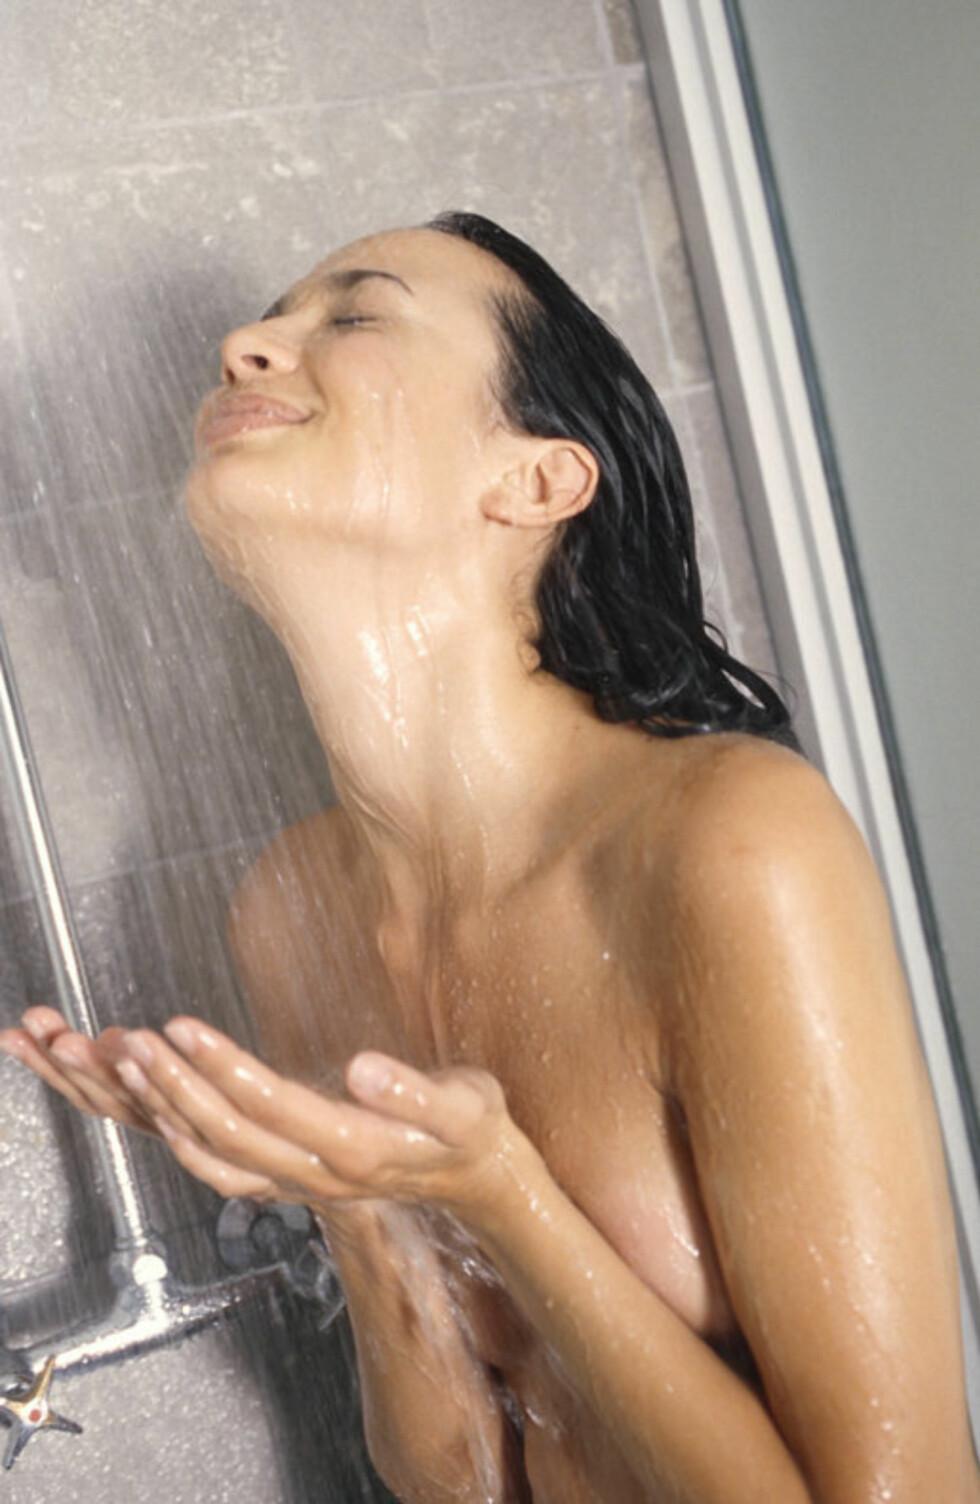 Etter disko kommer dusj